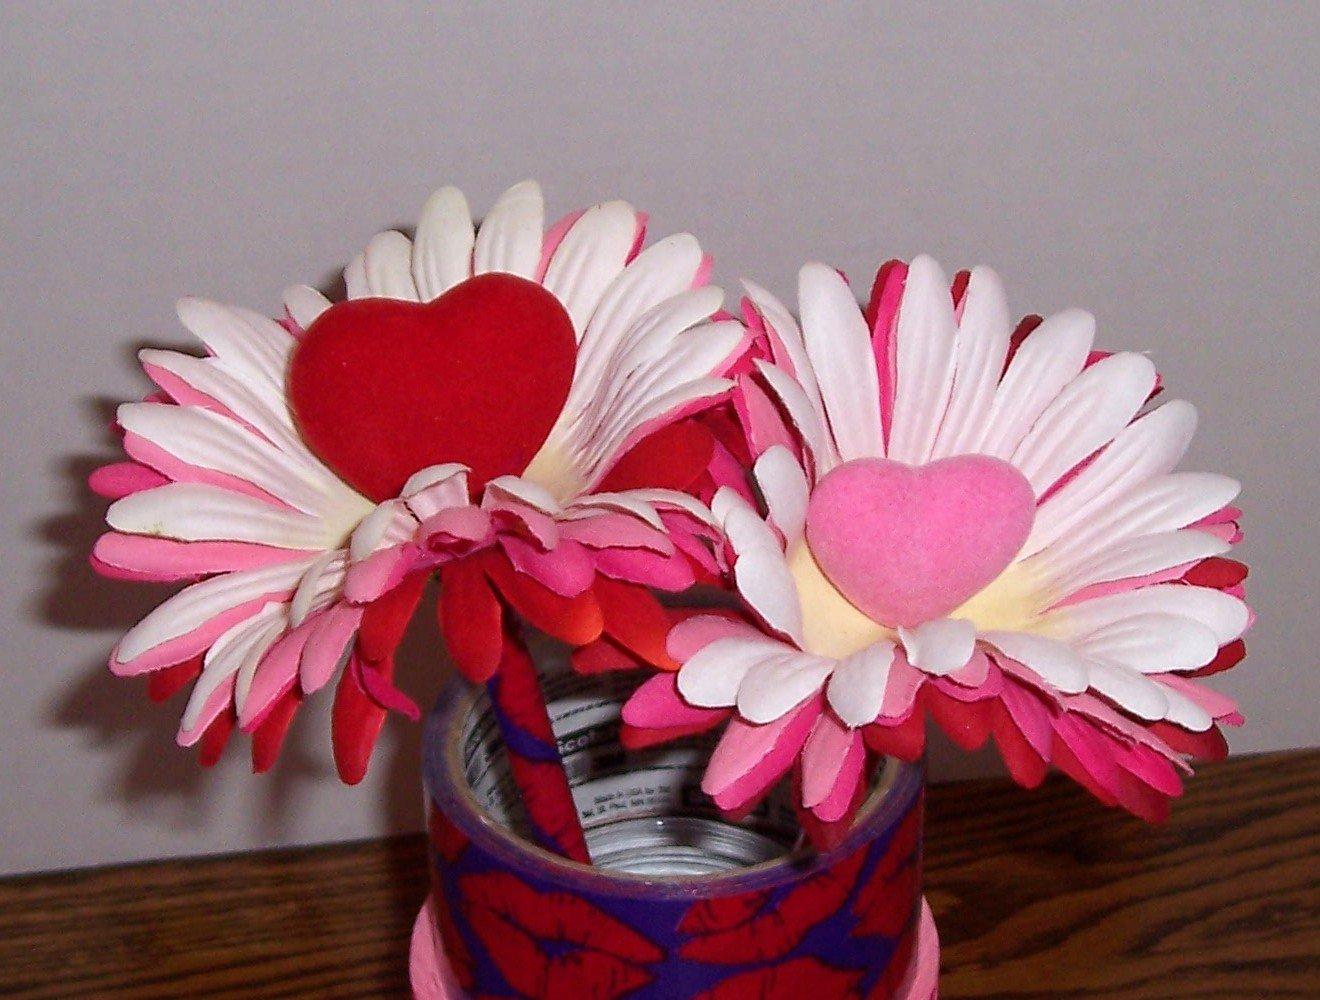 Valentine pens - Hearts and Petals